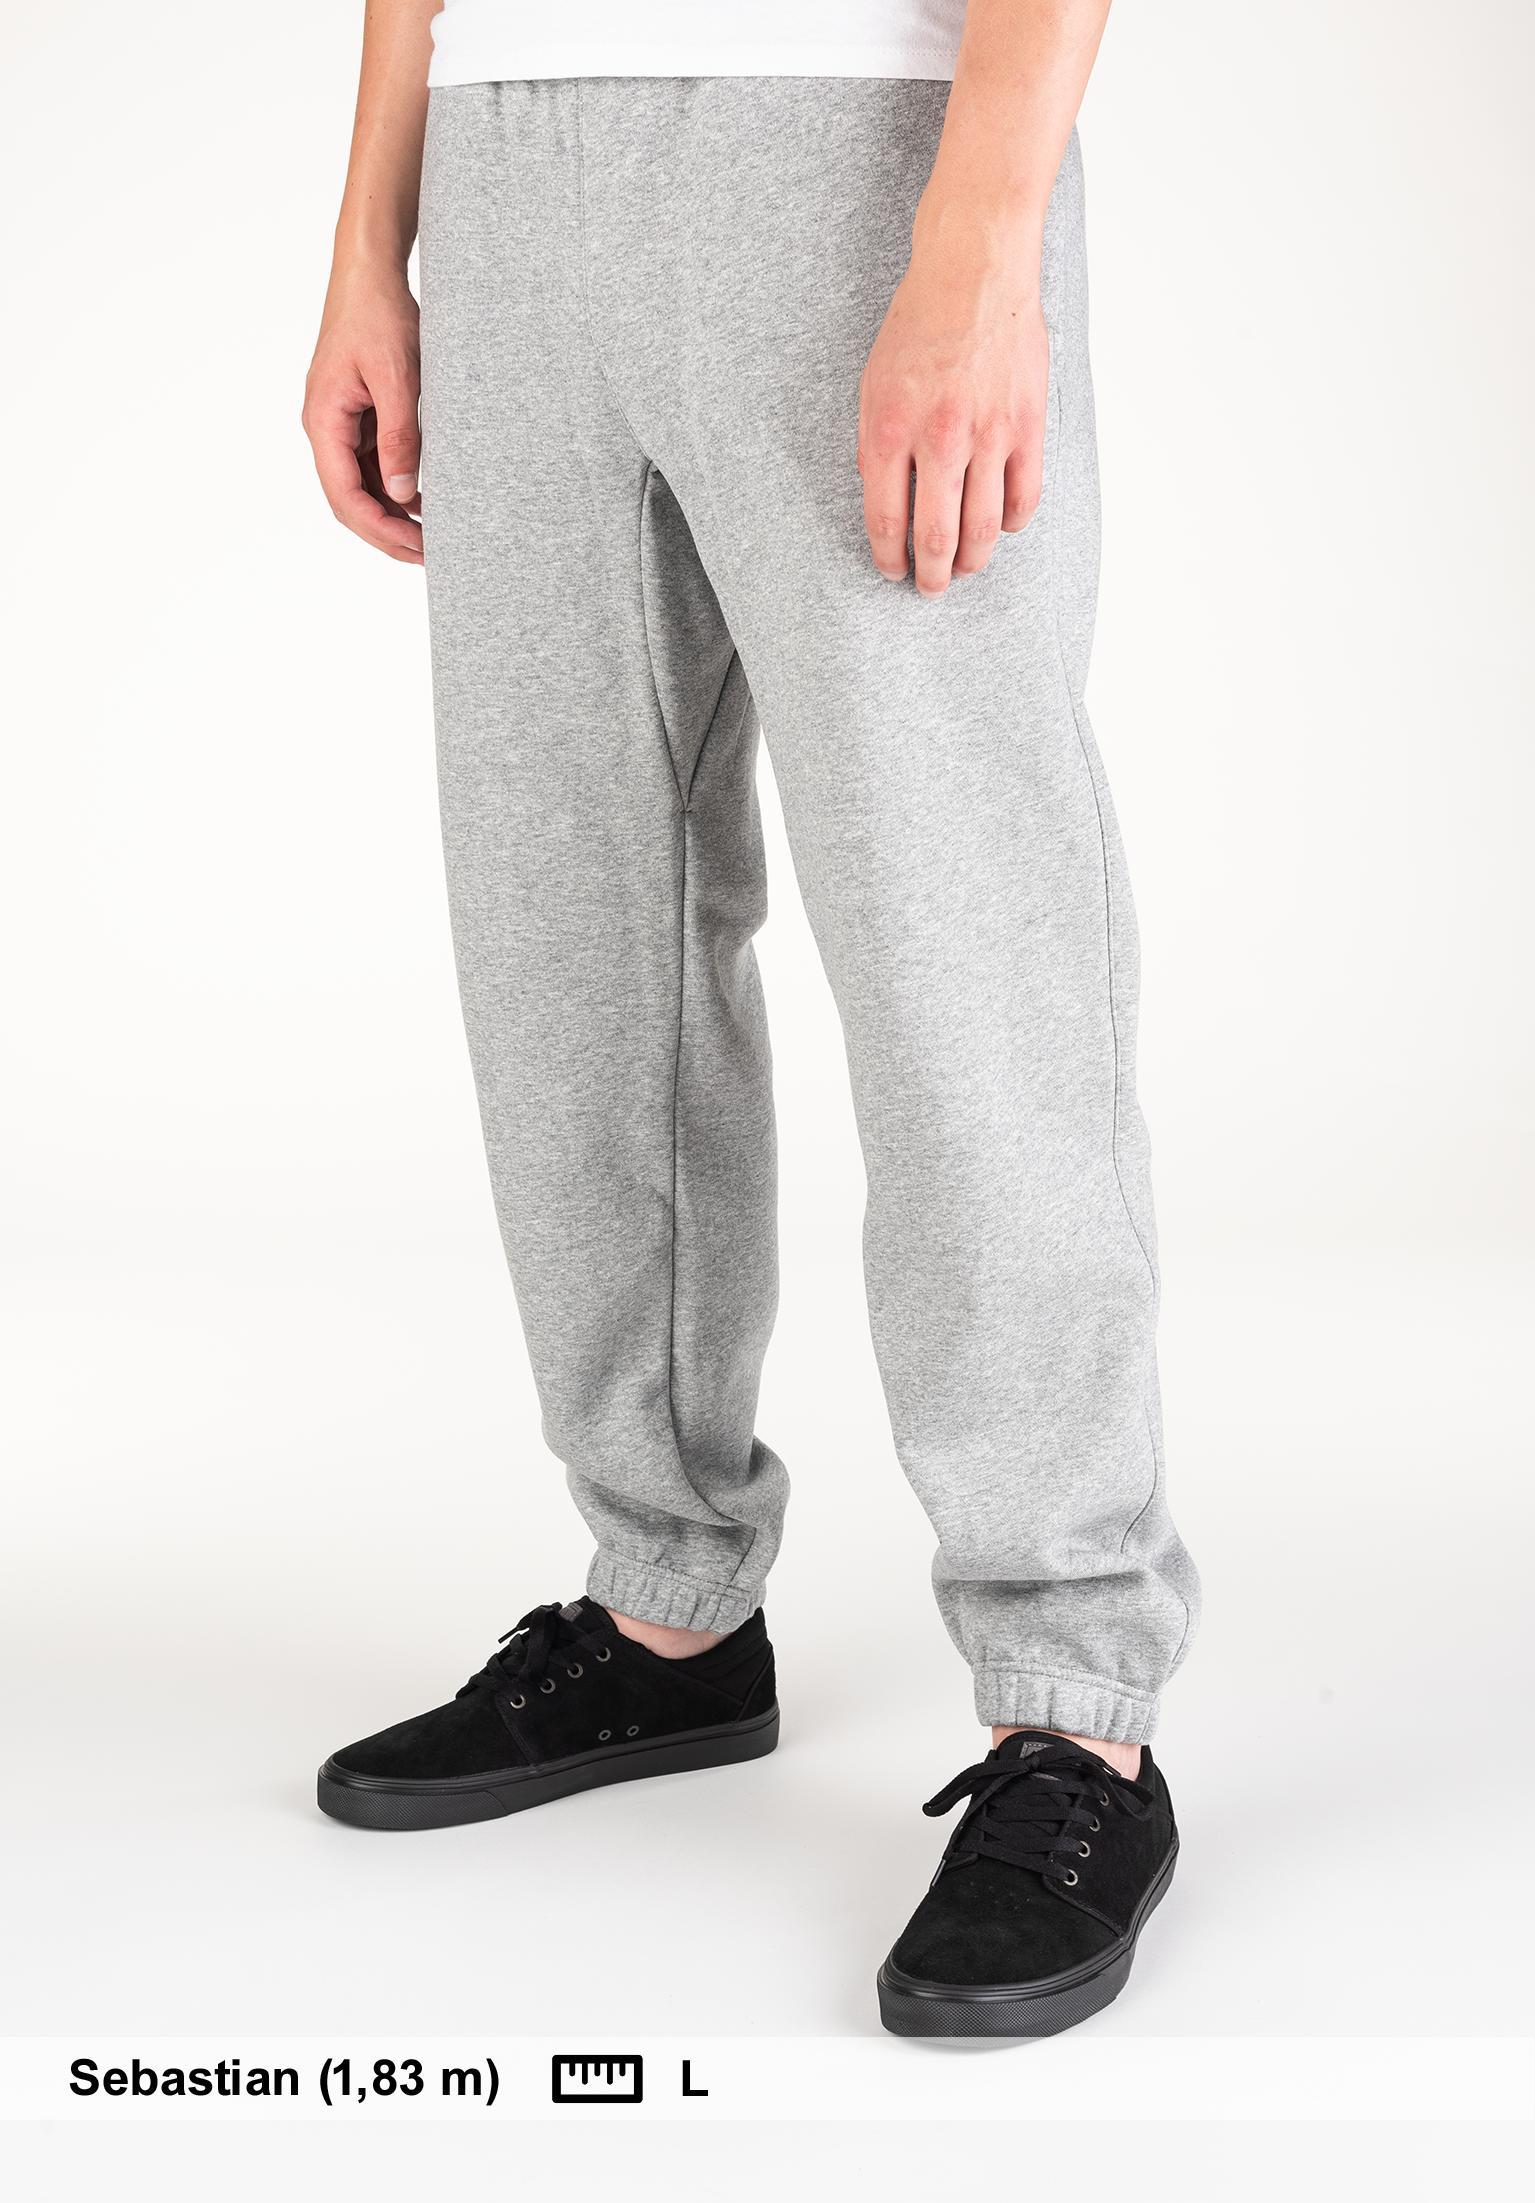 4c733f7e576 Jogginghosen für Sale im Titus Onlineshop kaufen